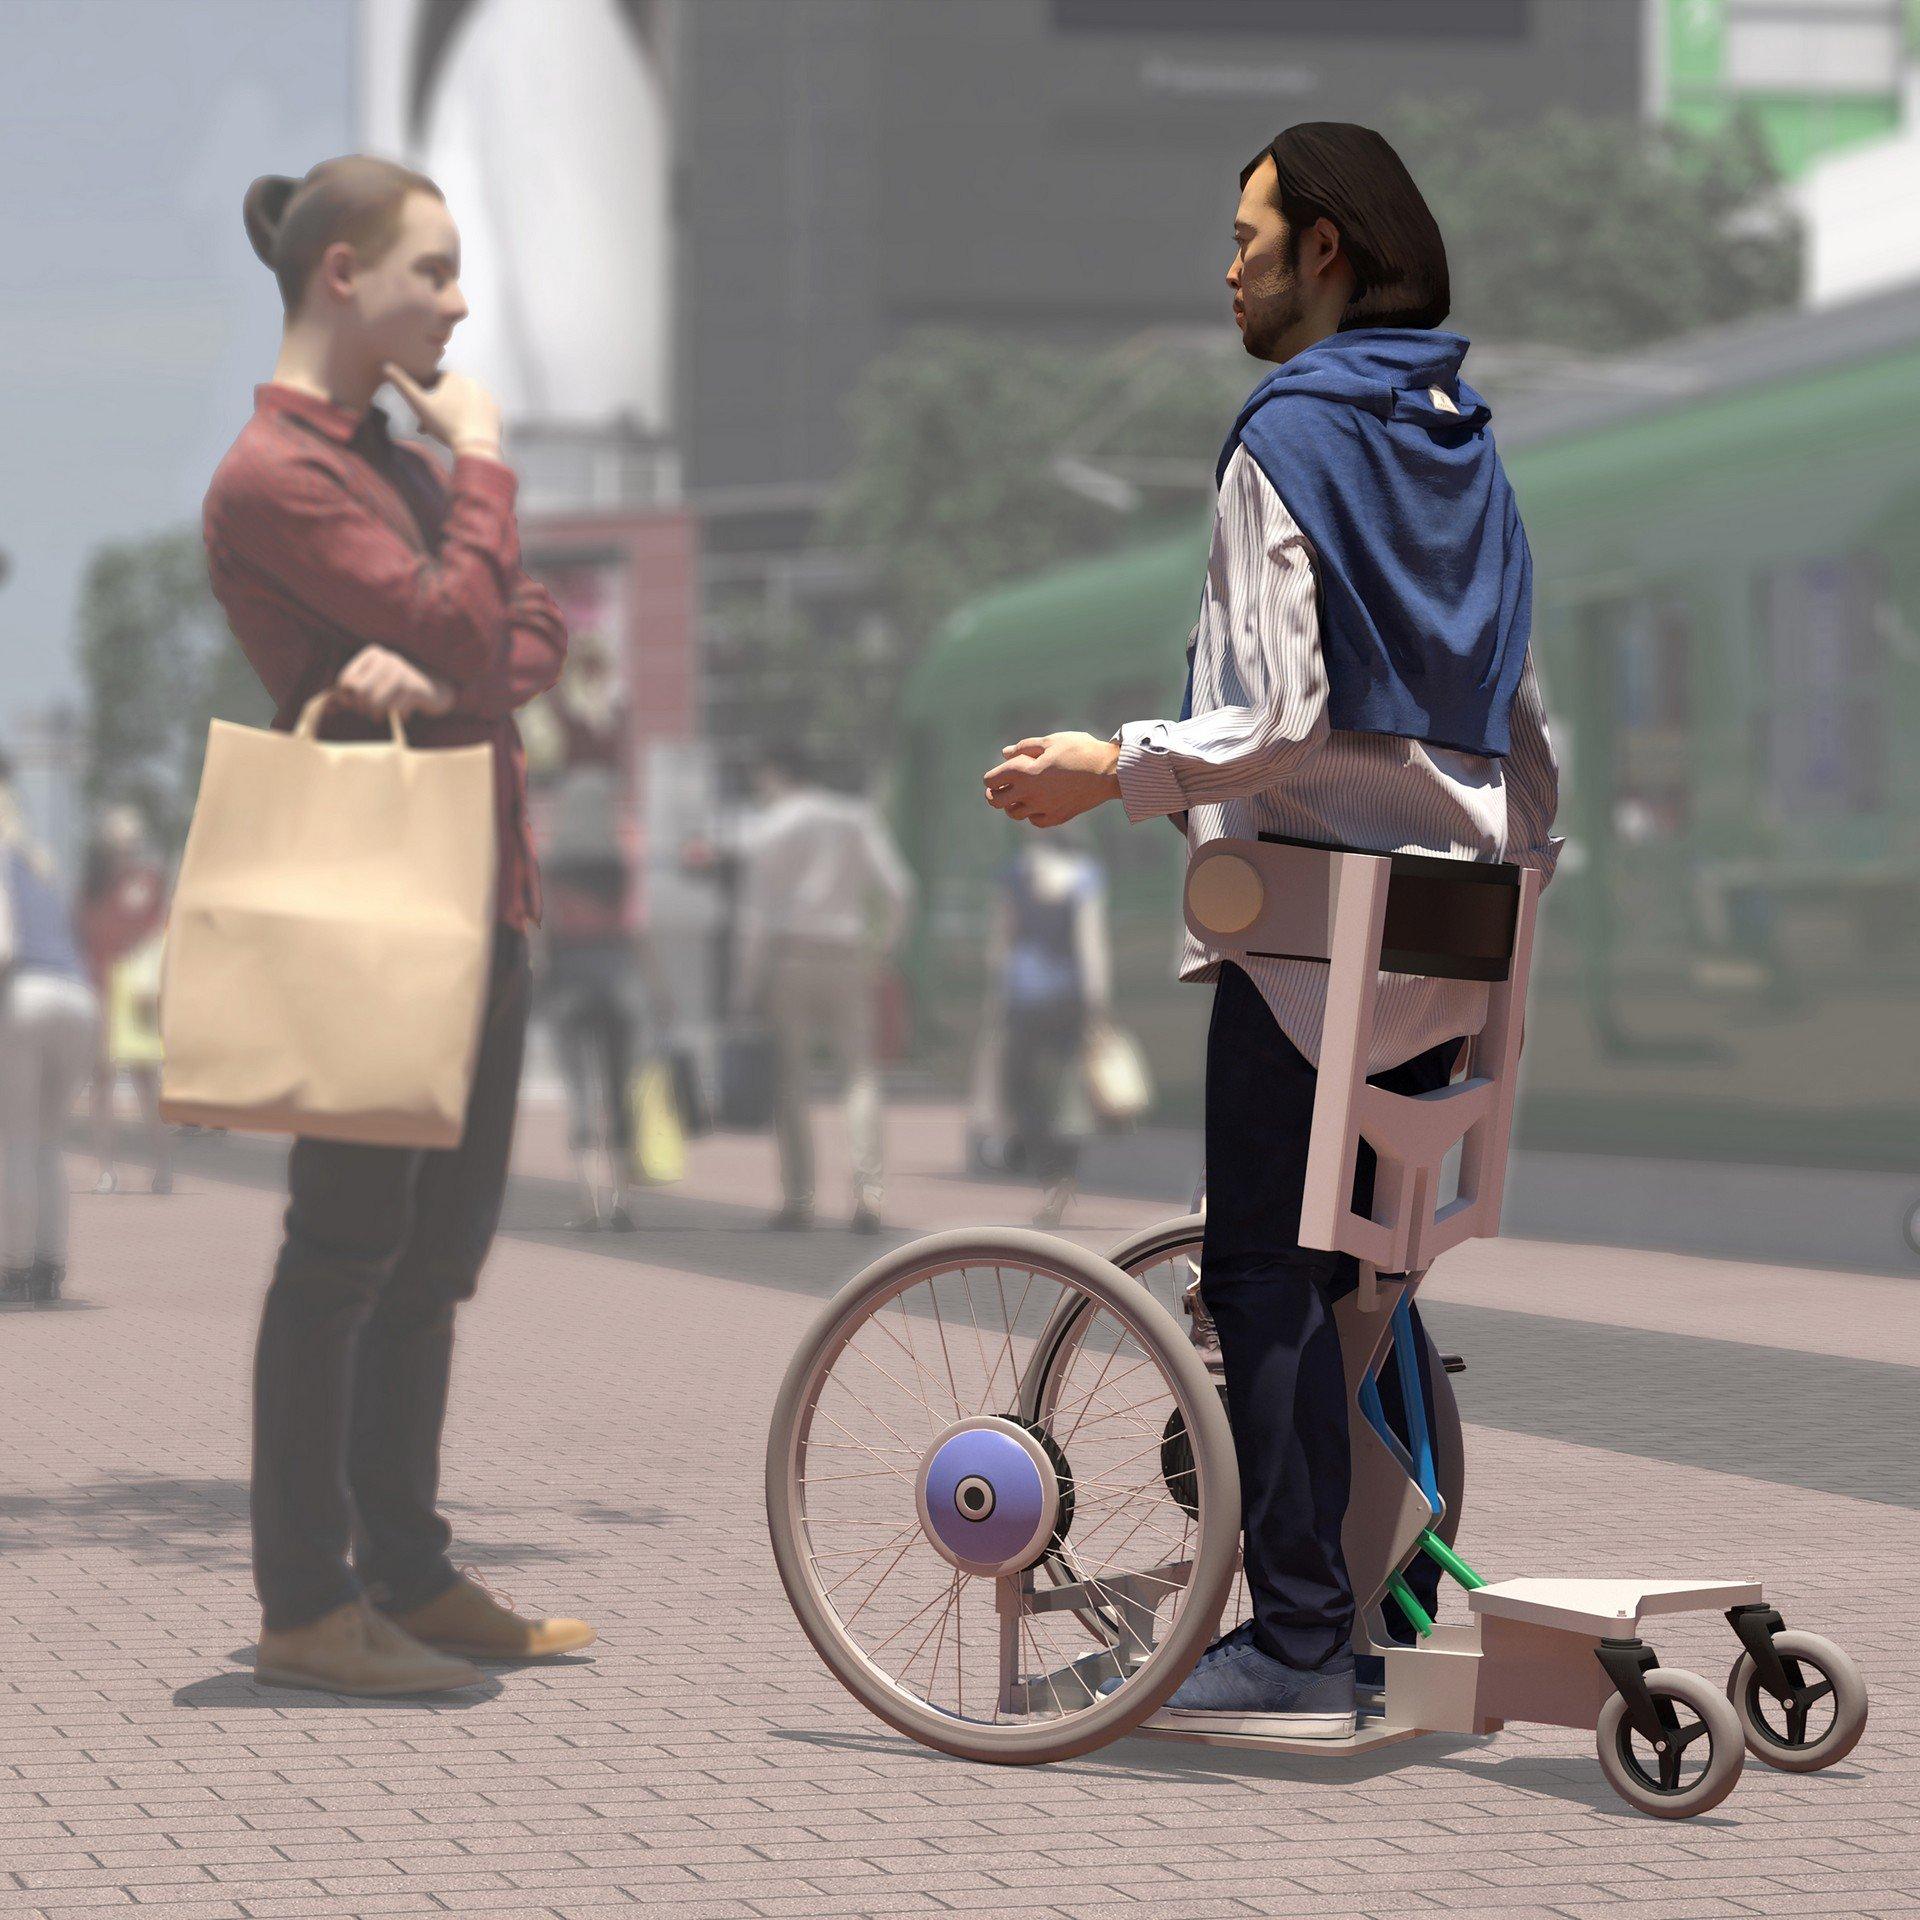 اخبار,اخبارعلمی وآموزشی, تویوتا صندلیهای چرخدار را متحول میکند